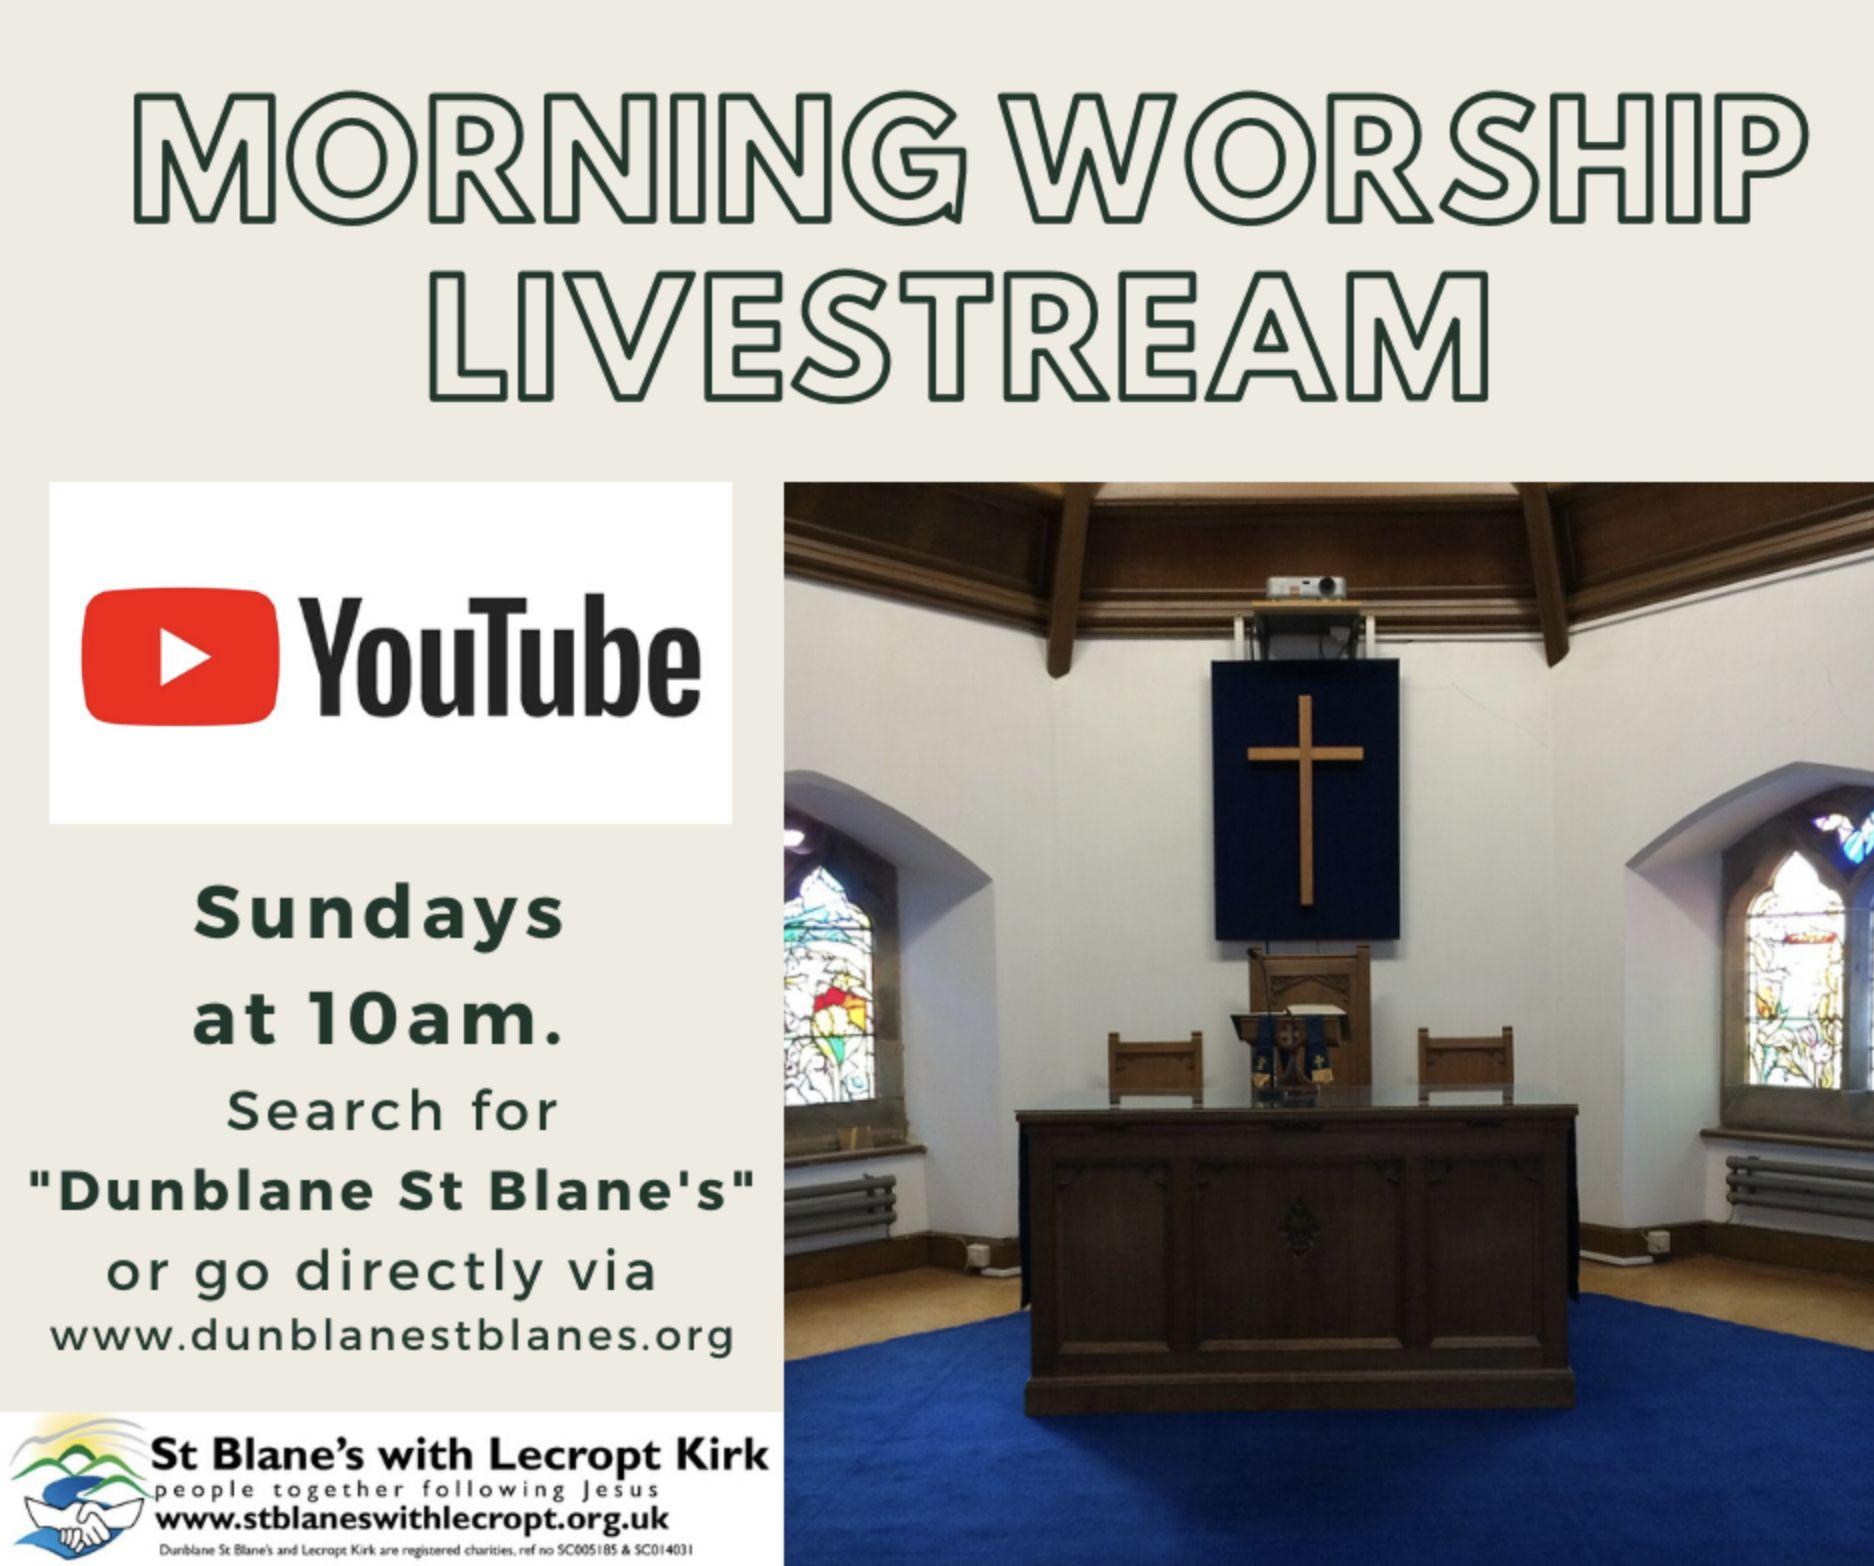 Morning Worship Livestream YouTube